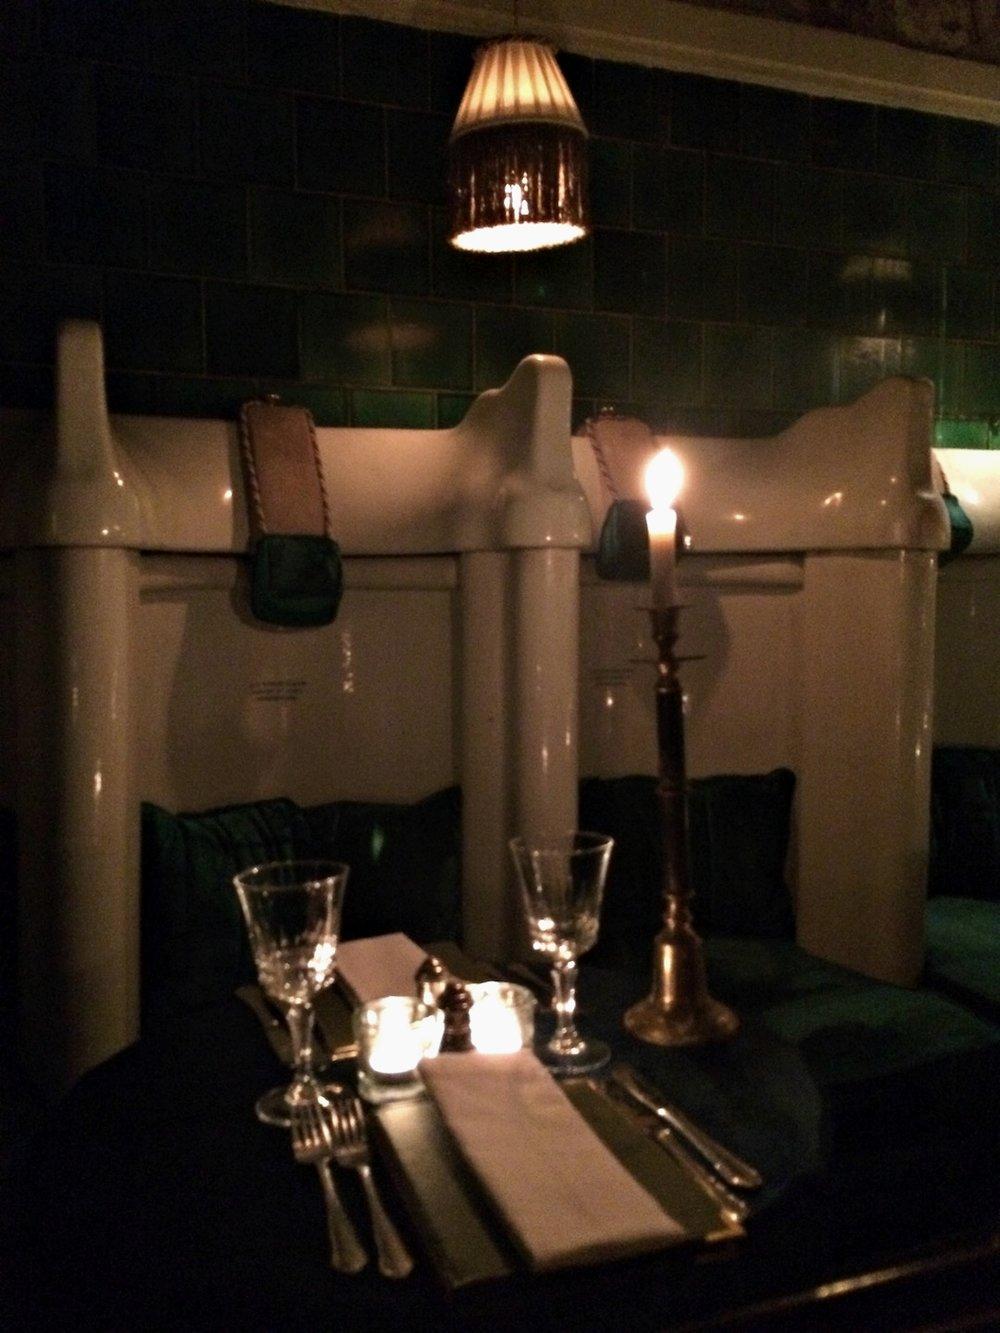 GA-urinal-seating.jpg